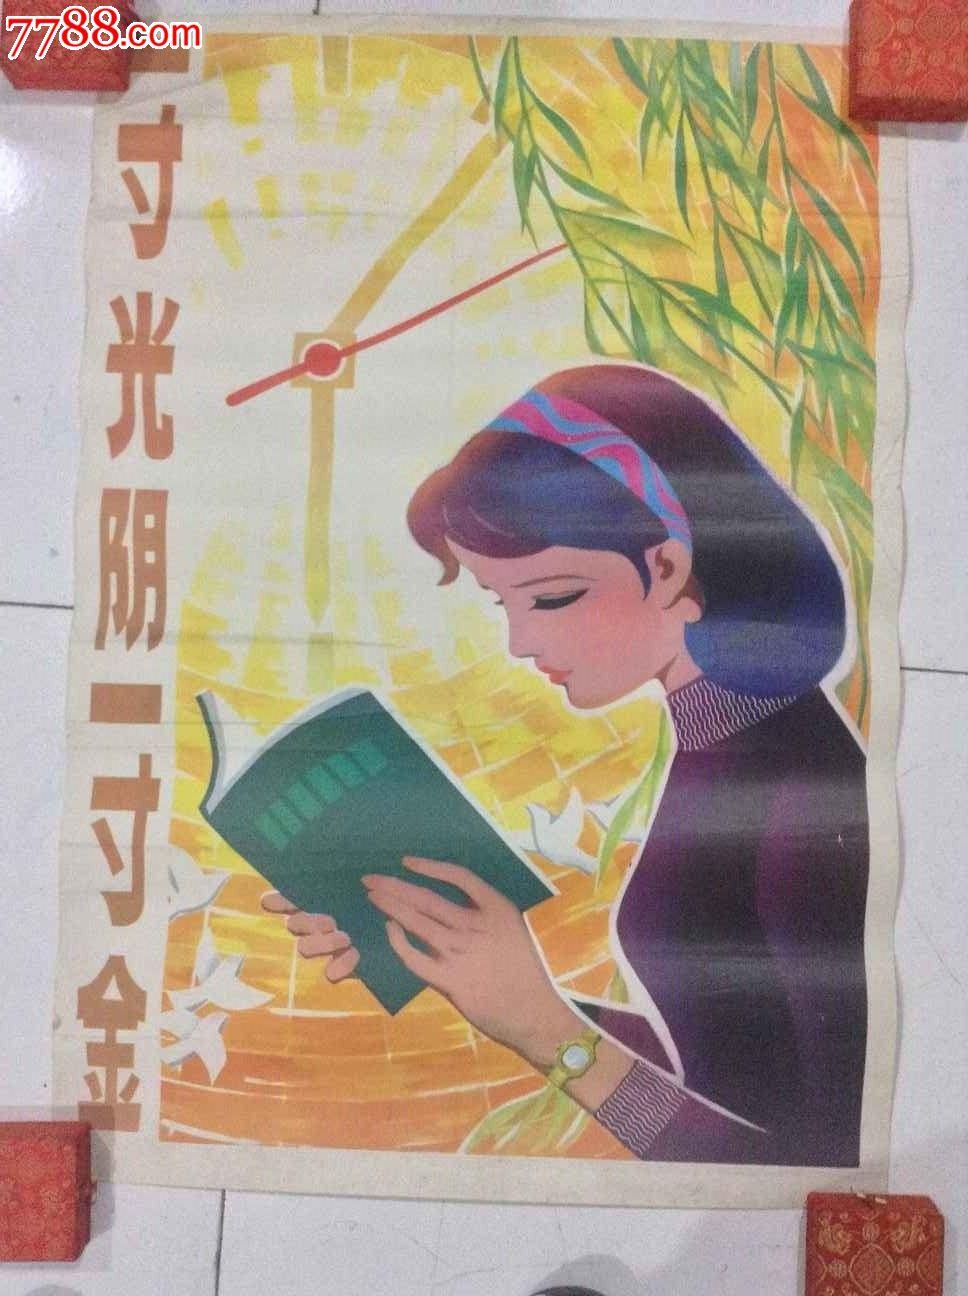 语文语文教学教学-图片:20元-se23547235-年级小学小学毕业价格六图片